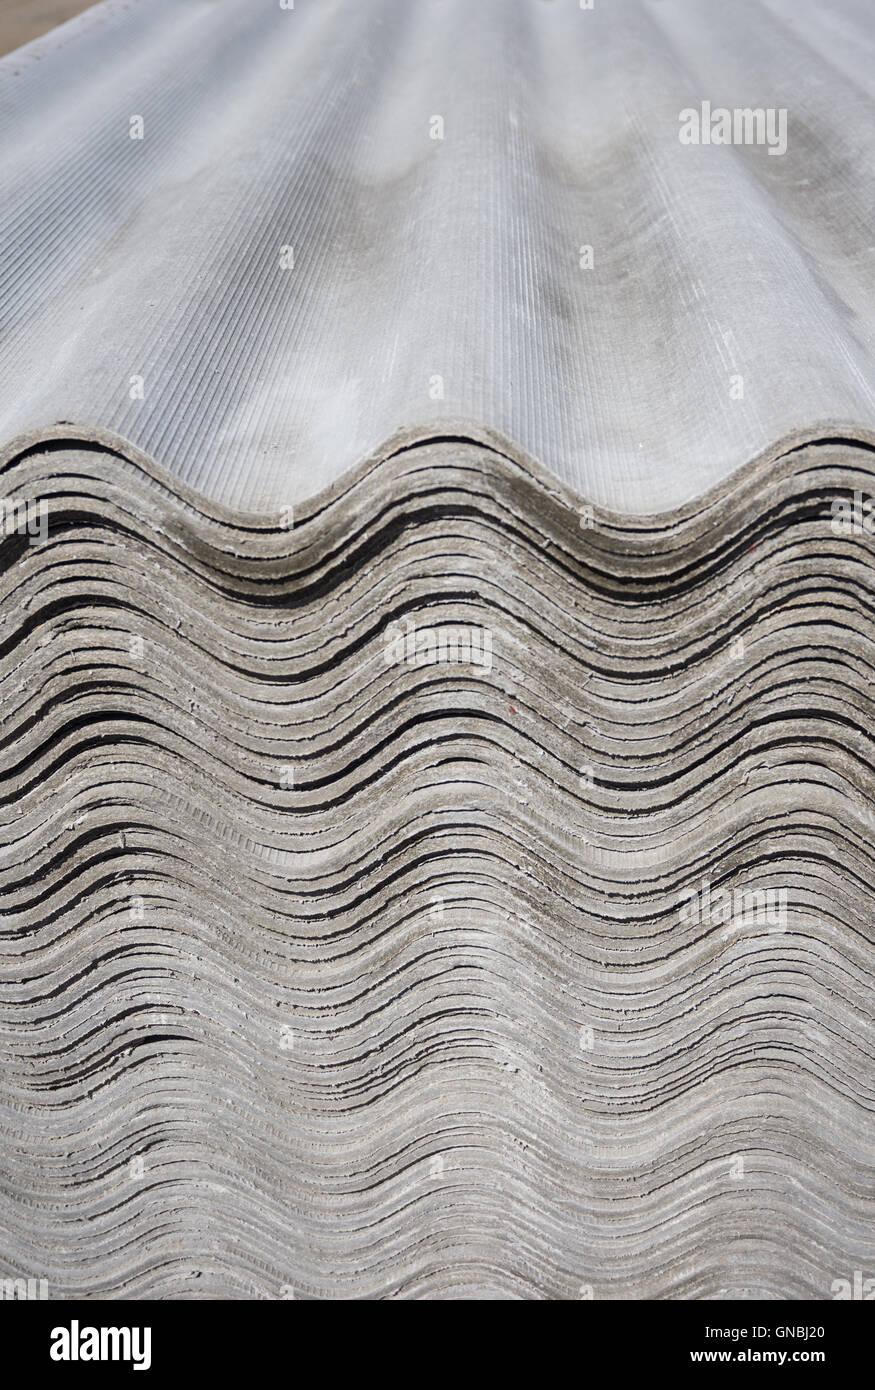 Außergewöhnlich Asbest Beschichtung Stockfotos & Asbest Beschichtung Bilder - Alamy #DR_94